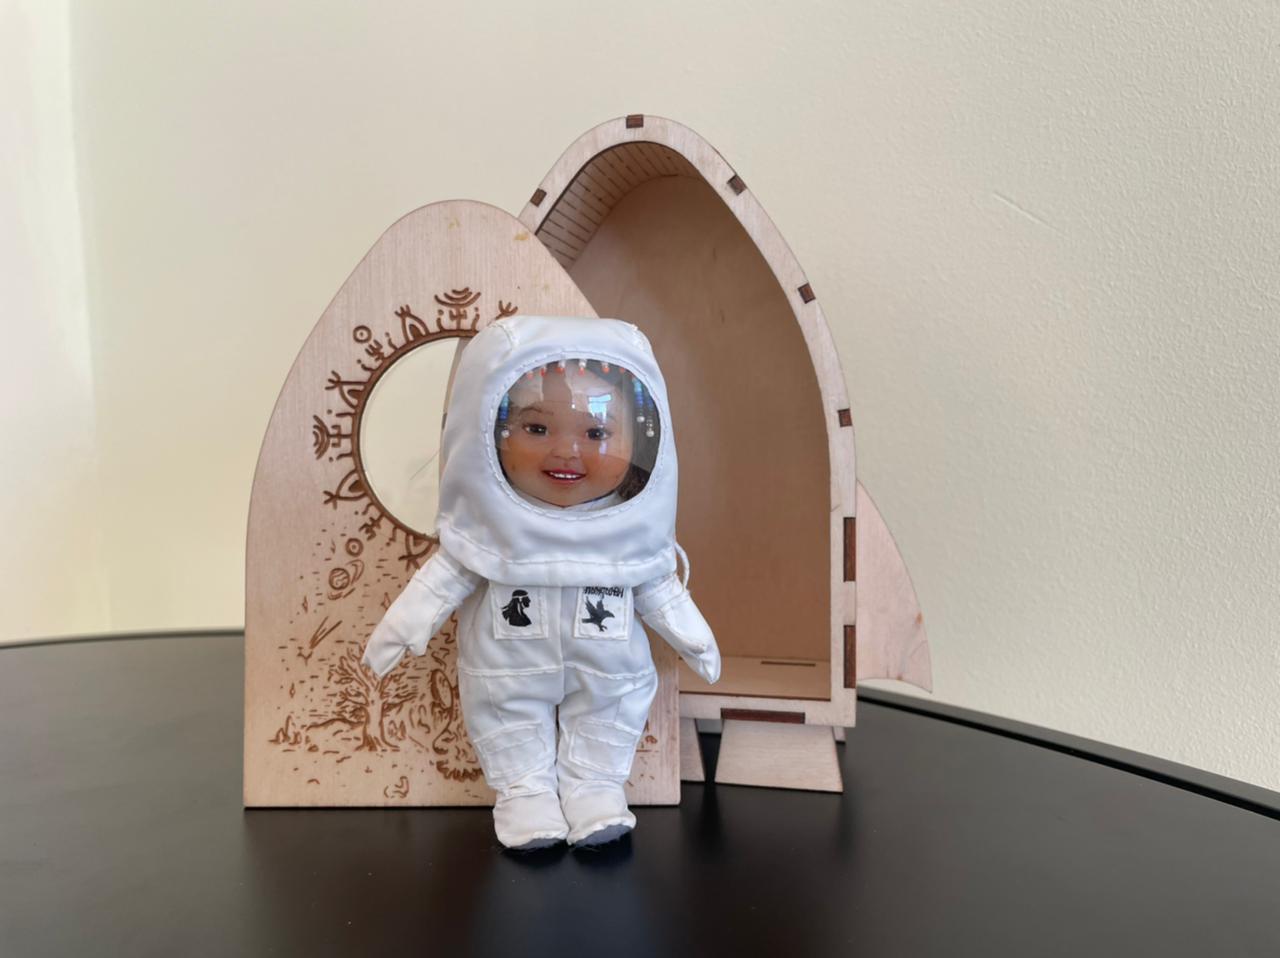 Якутская кукла может отправиться на Луну